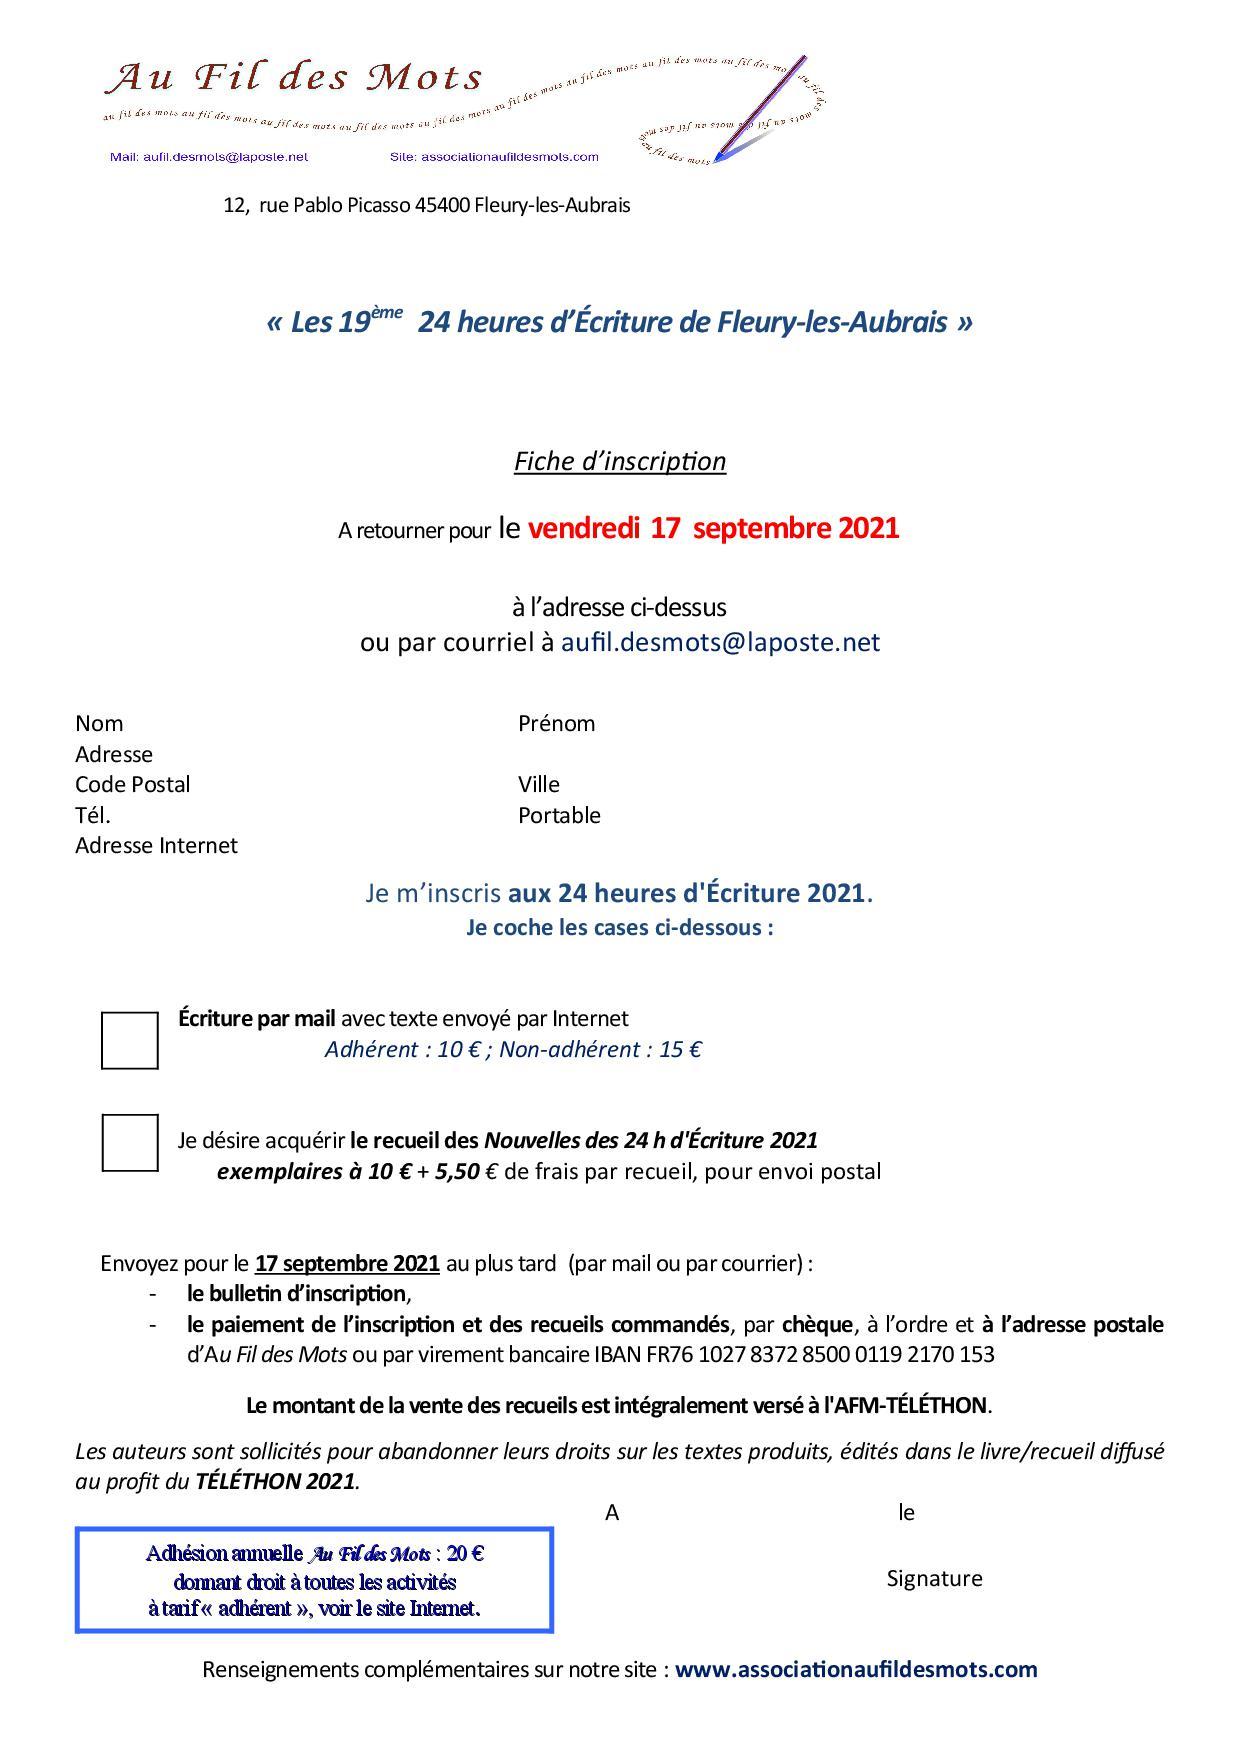 24h_2021_Fiche_Inscription POUR RAPPEL.jpg